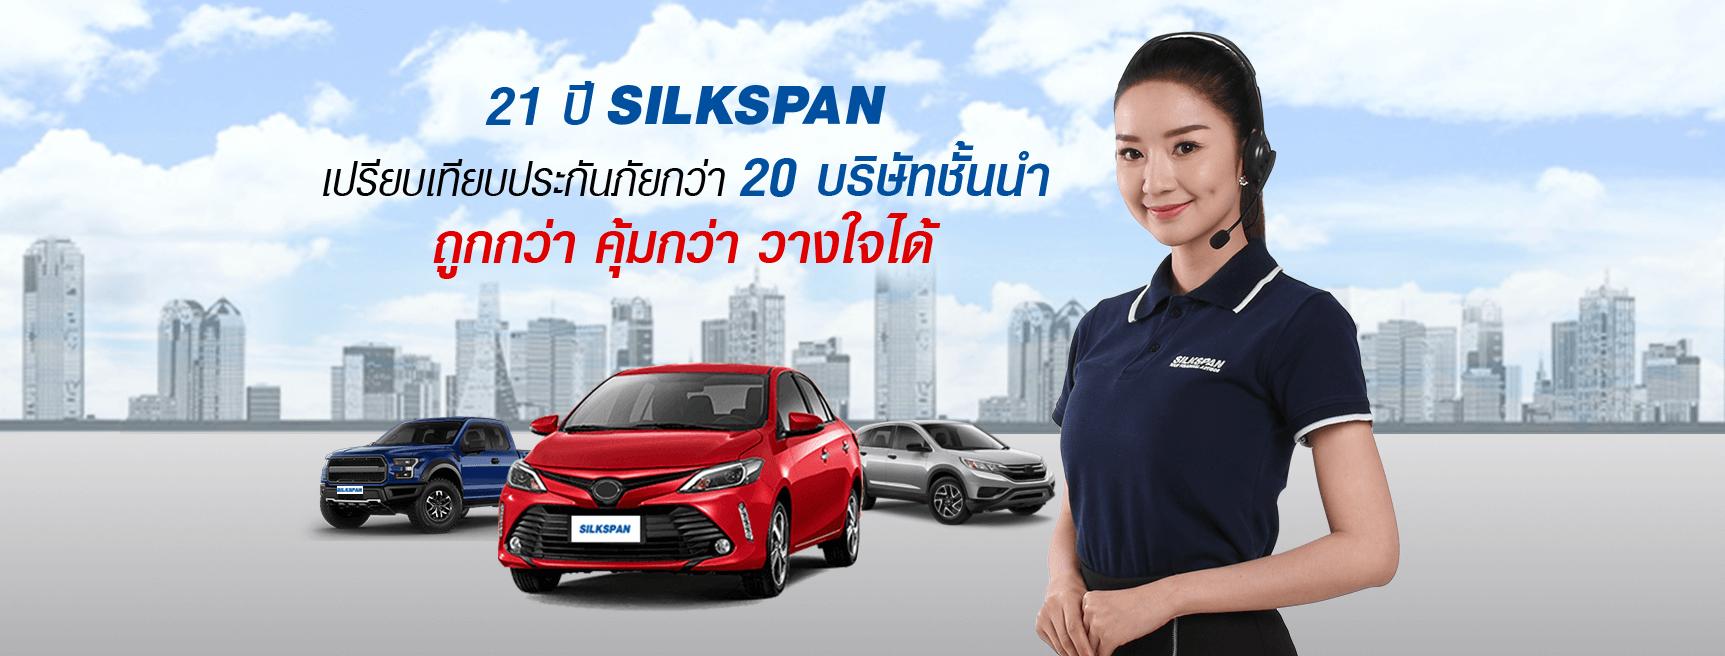 ต่อประกันรถยนต์ ที่ไหนดี Silkspan